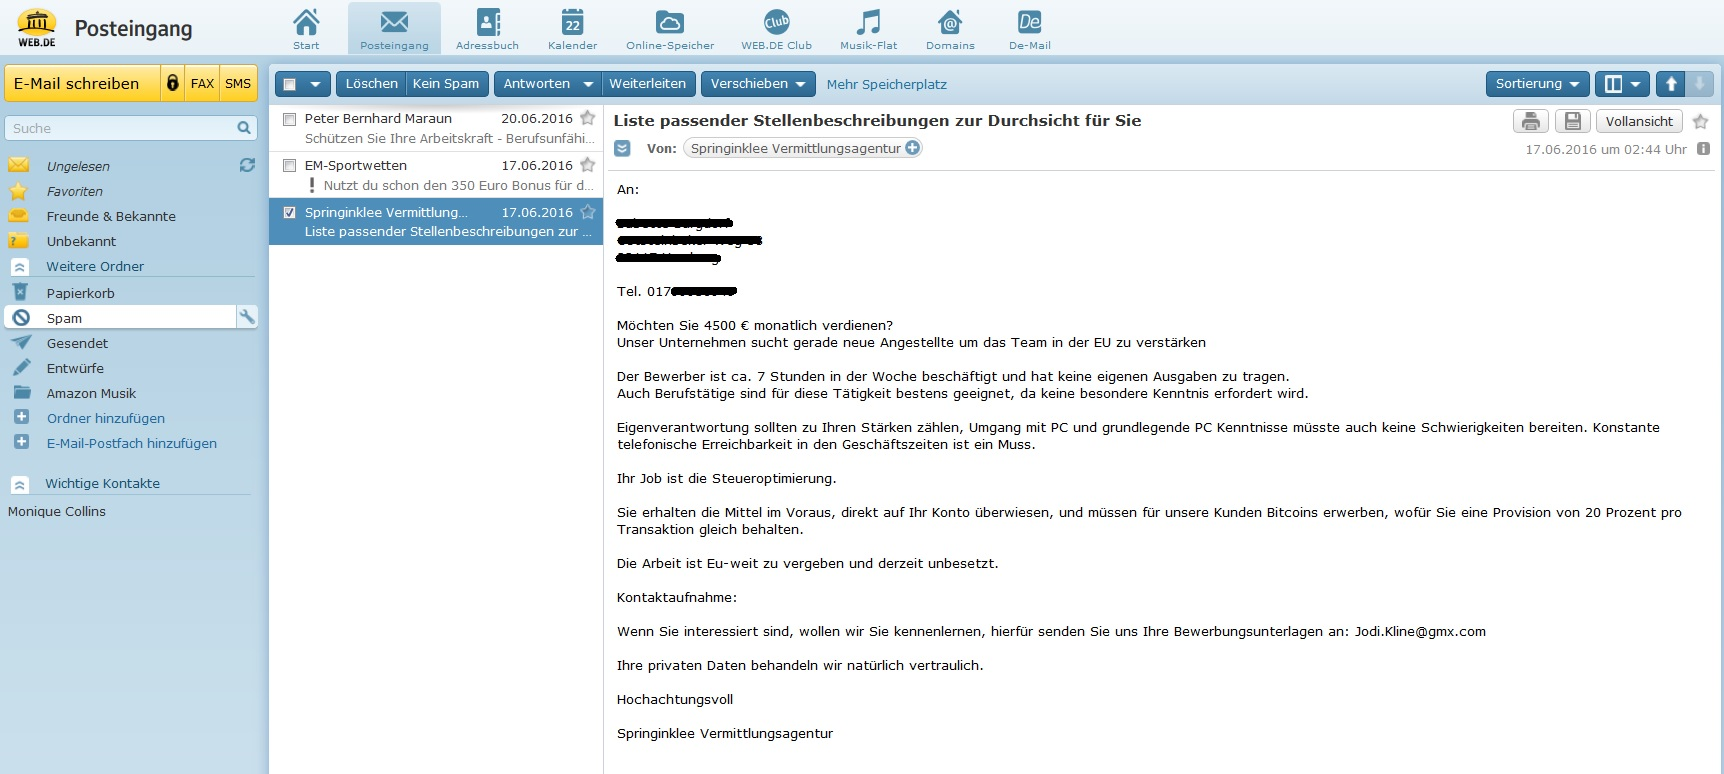 Springinklee Vermittlungsagentur Spam